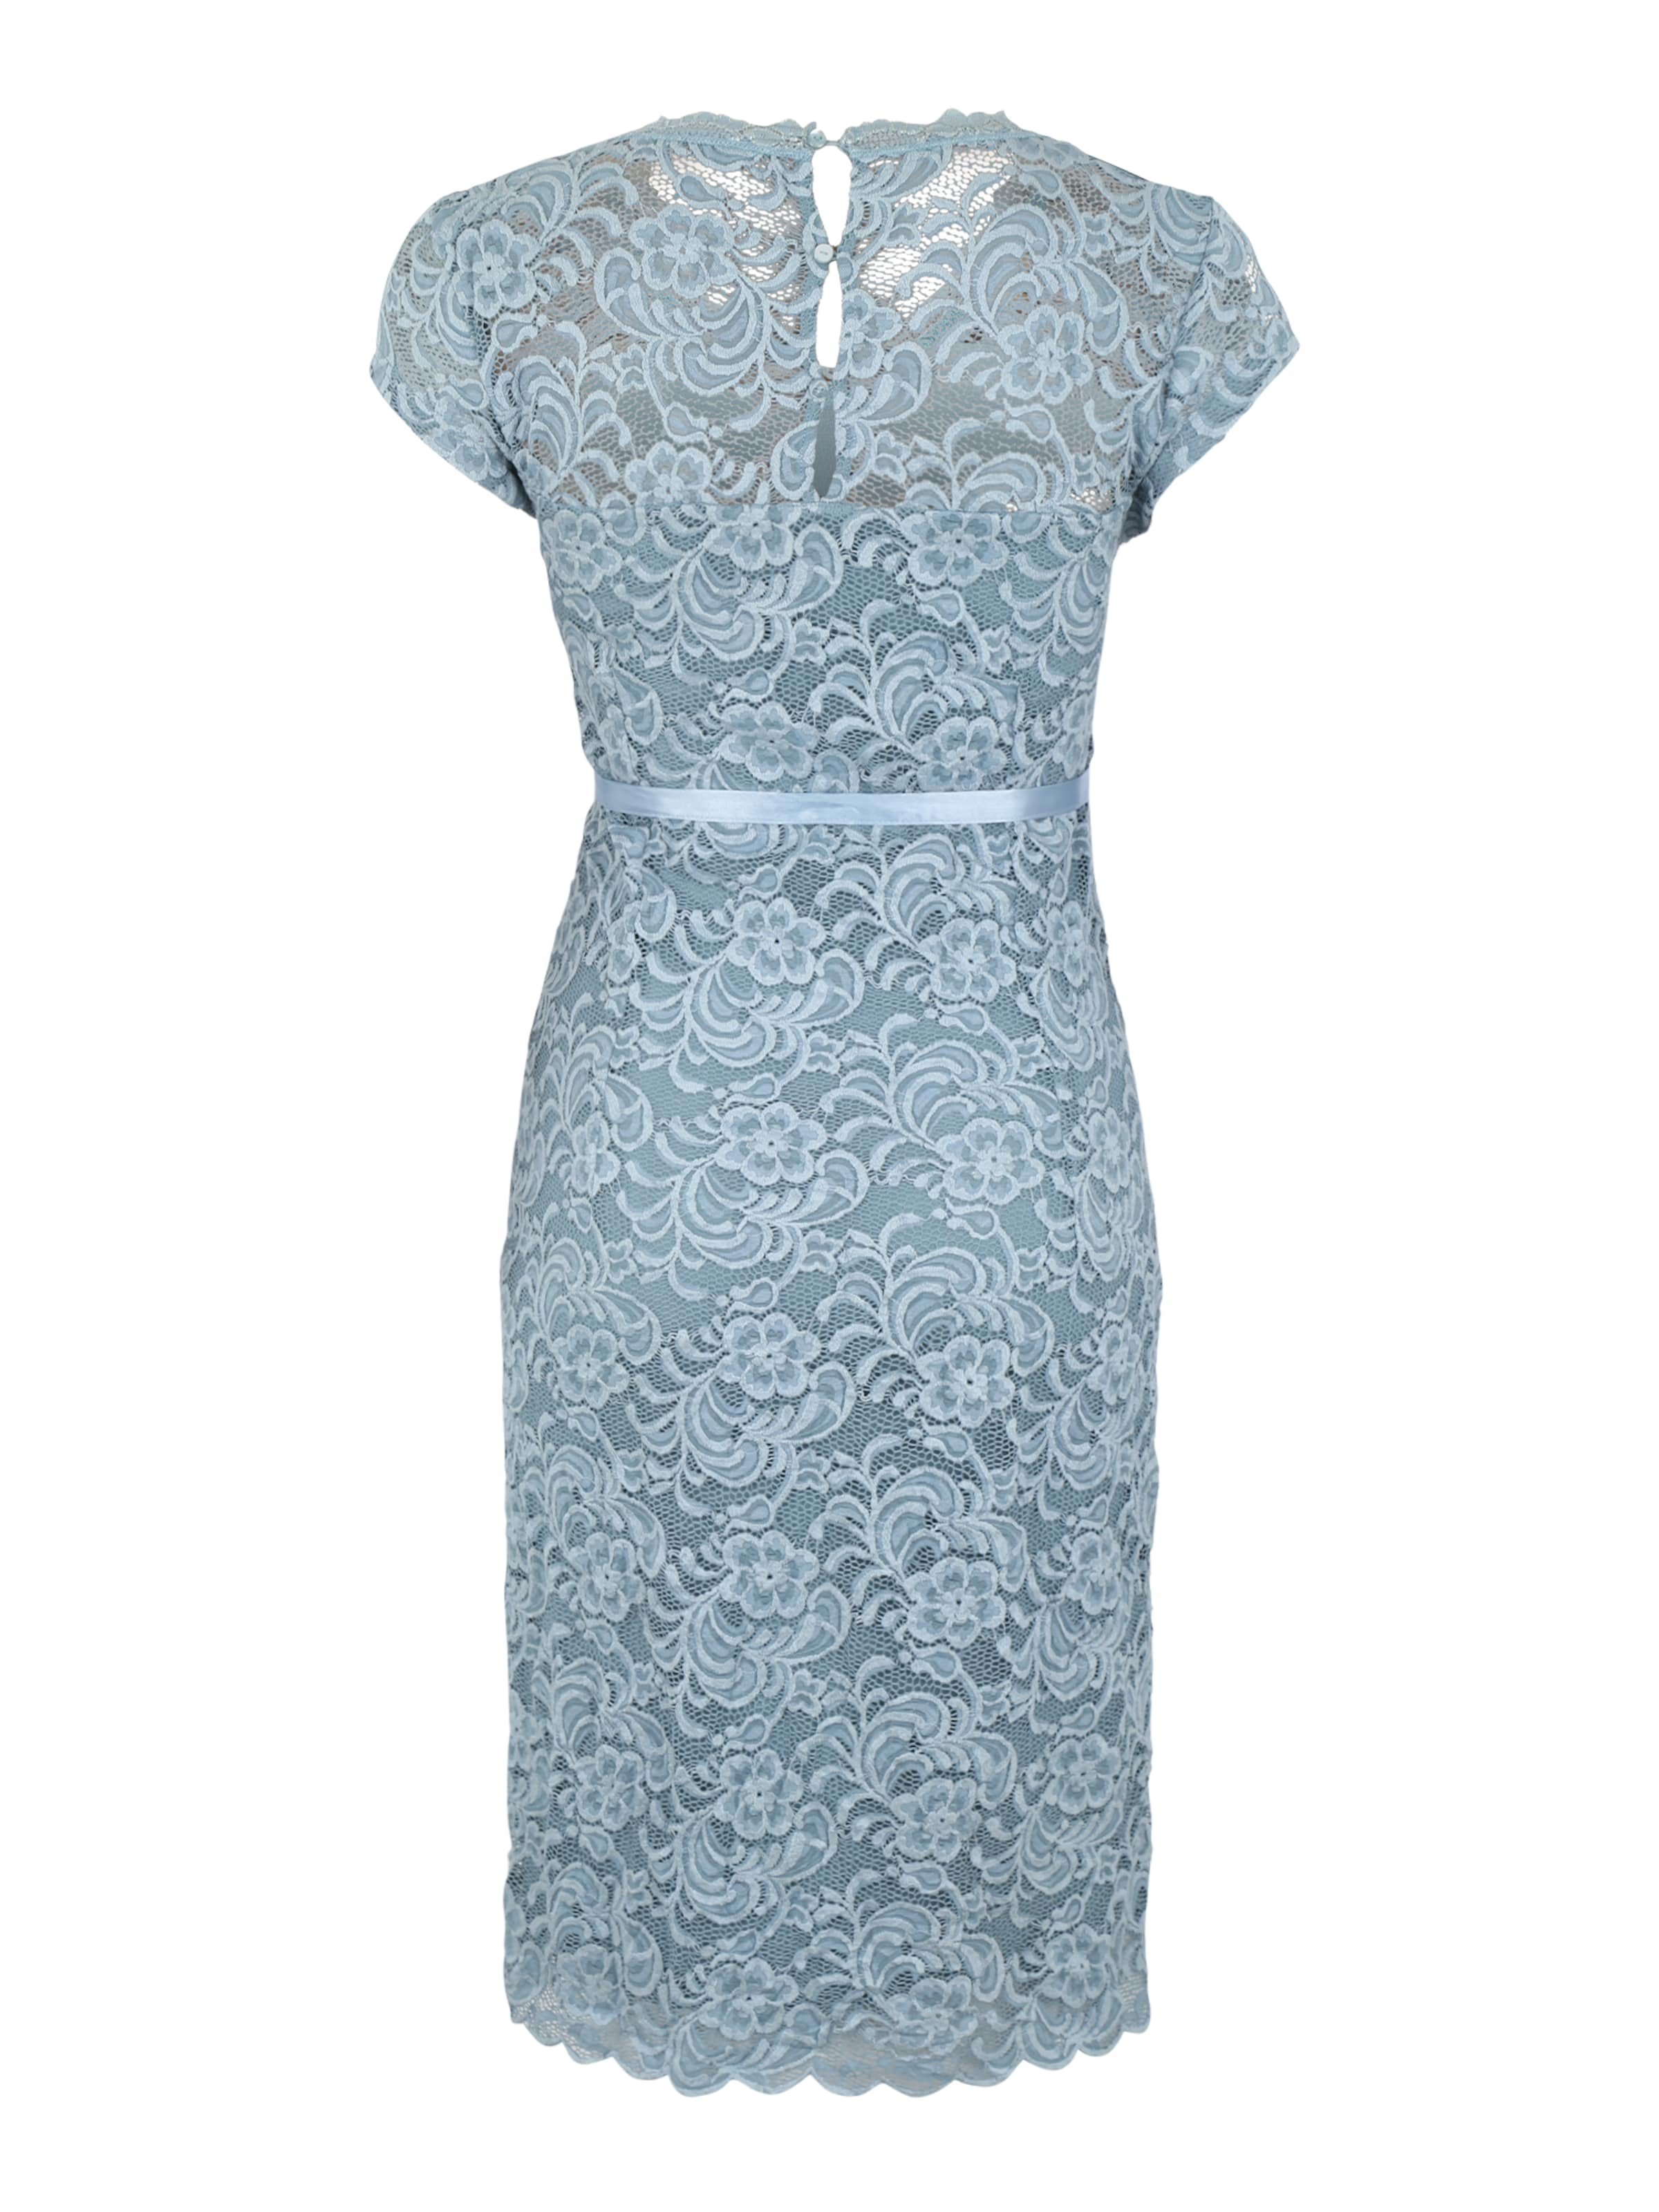 Mamalicious Kleid Kleid Mamalicious Kleid Mamalicious Rauchblau In In Rauchblau Rauchblau Mamalicious In eBrdCox